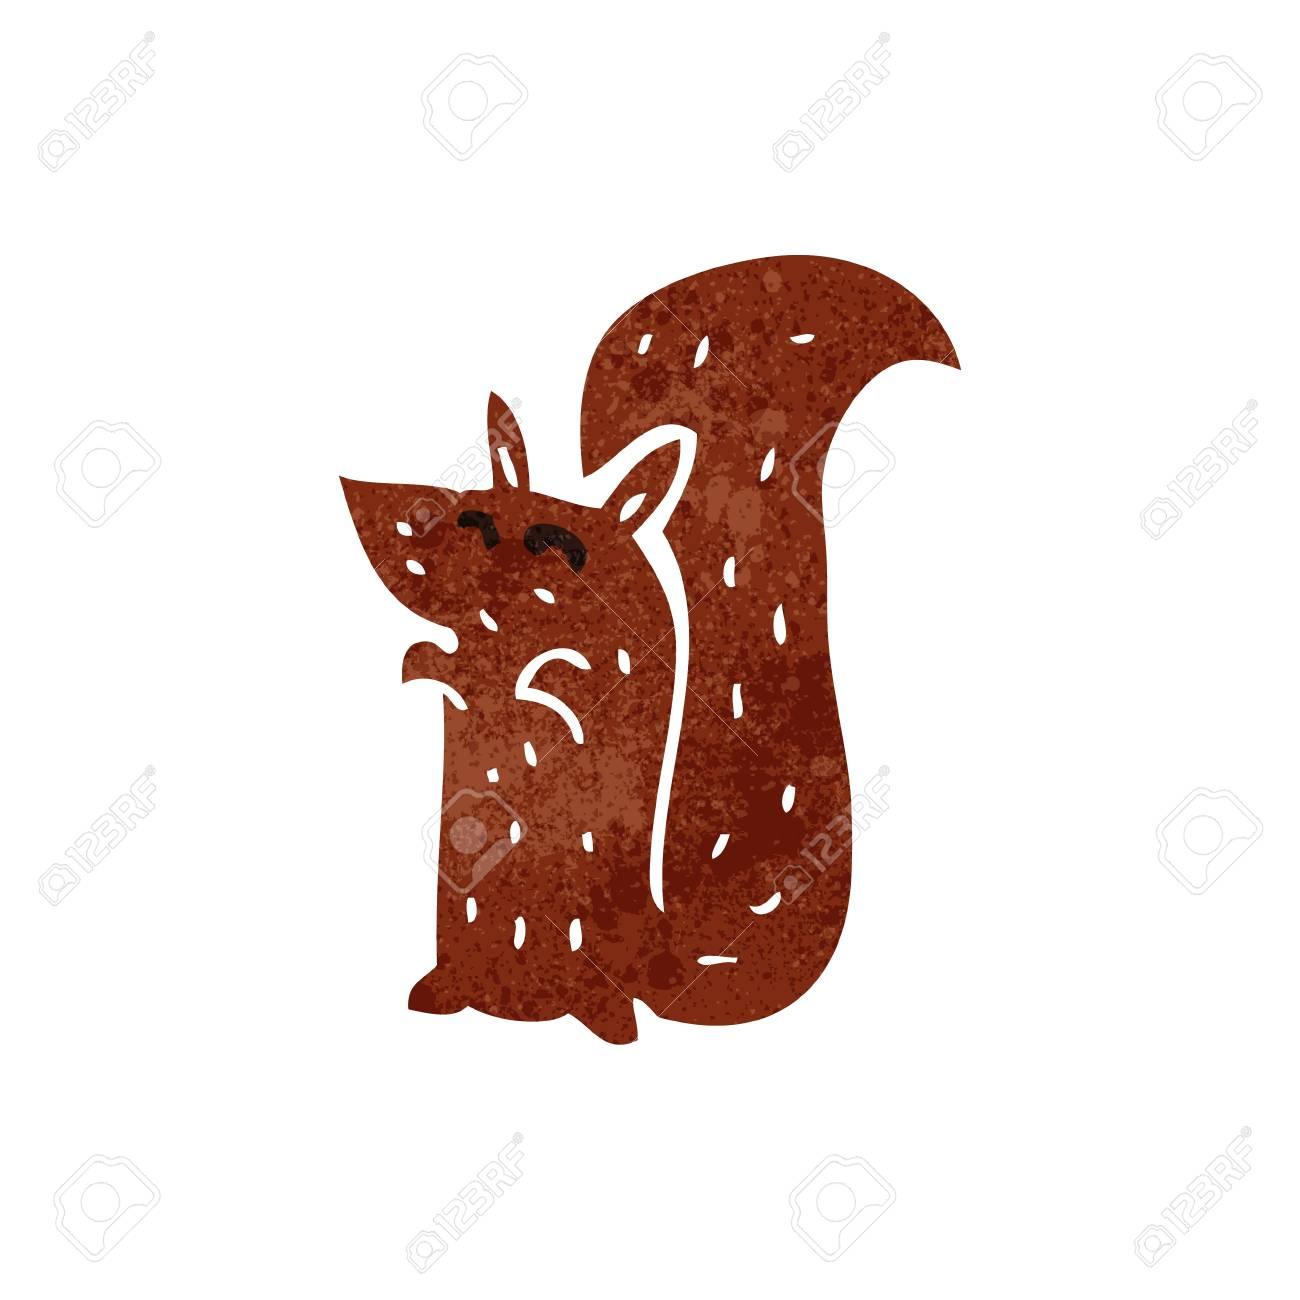 Vettoriale retrò scoiattolo rosso cartone animato image 22164947.